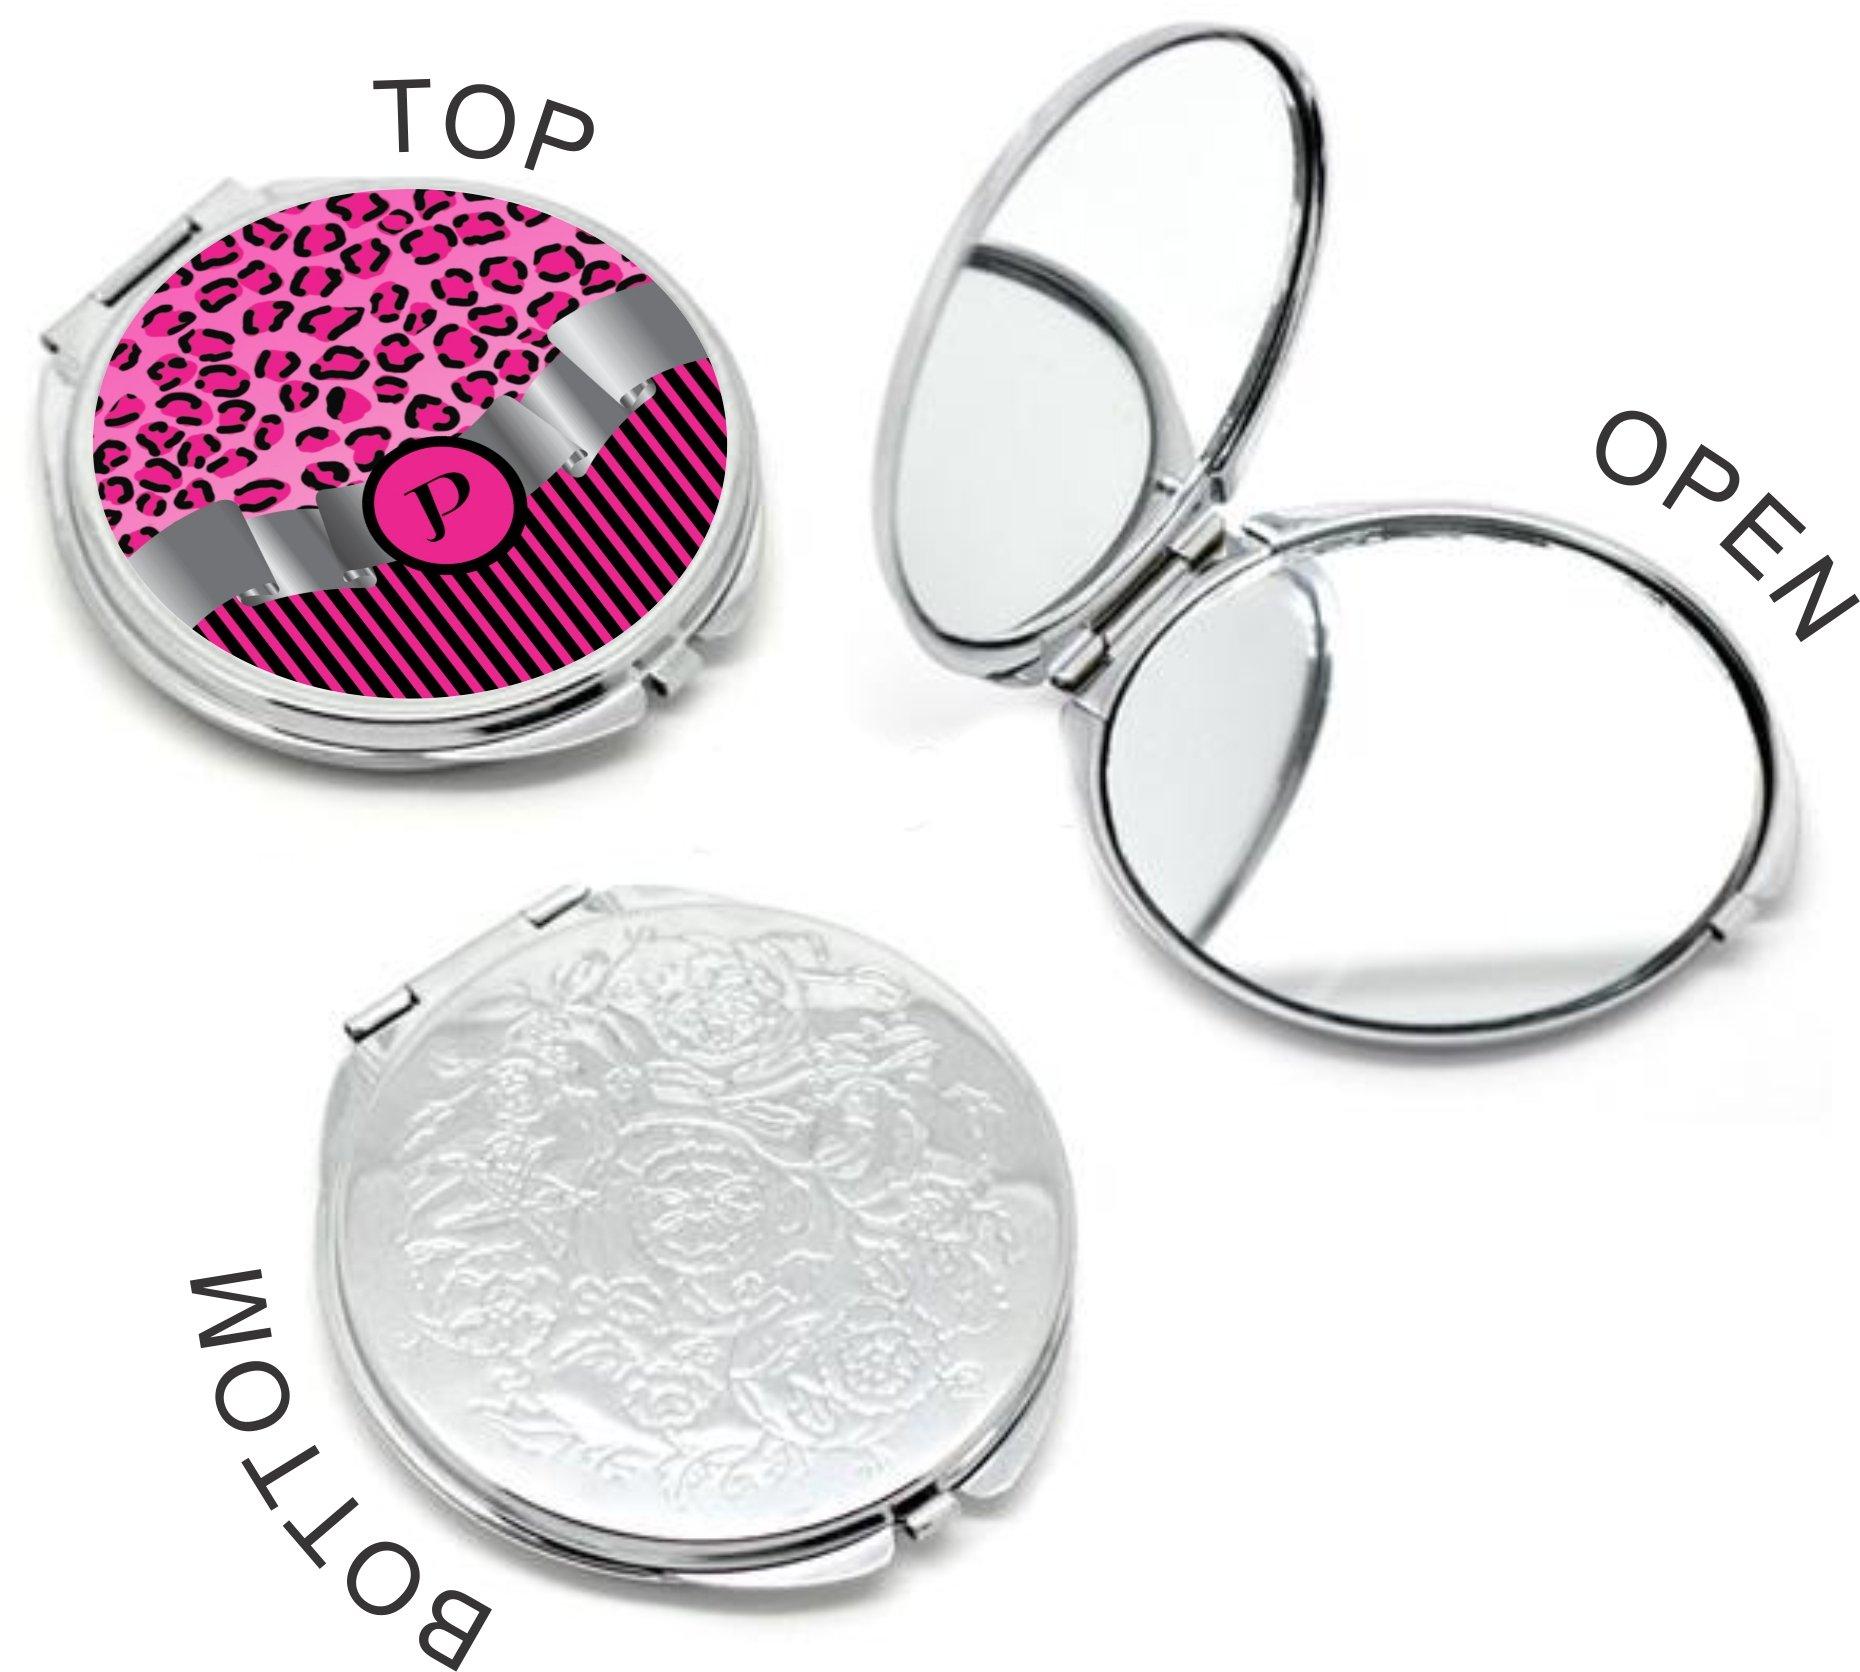 Rikki Knight Letter''P'' Hot Pink Leopard Print Stripes Monogram Design Round Compact Mirror